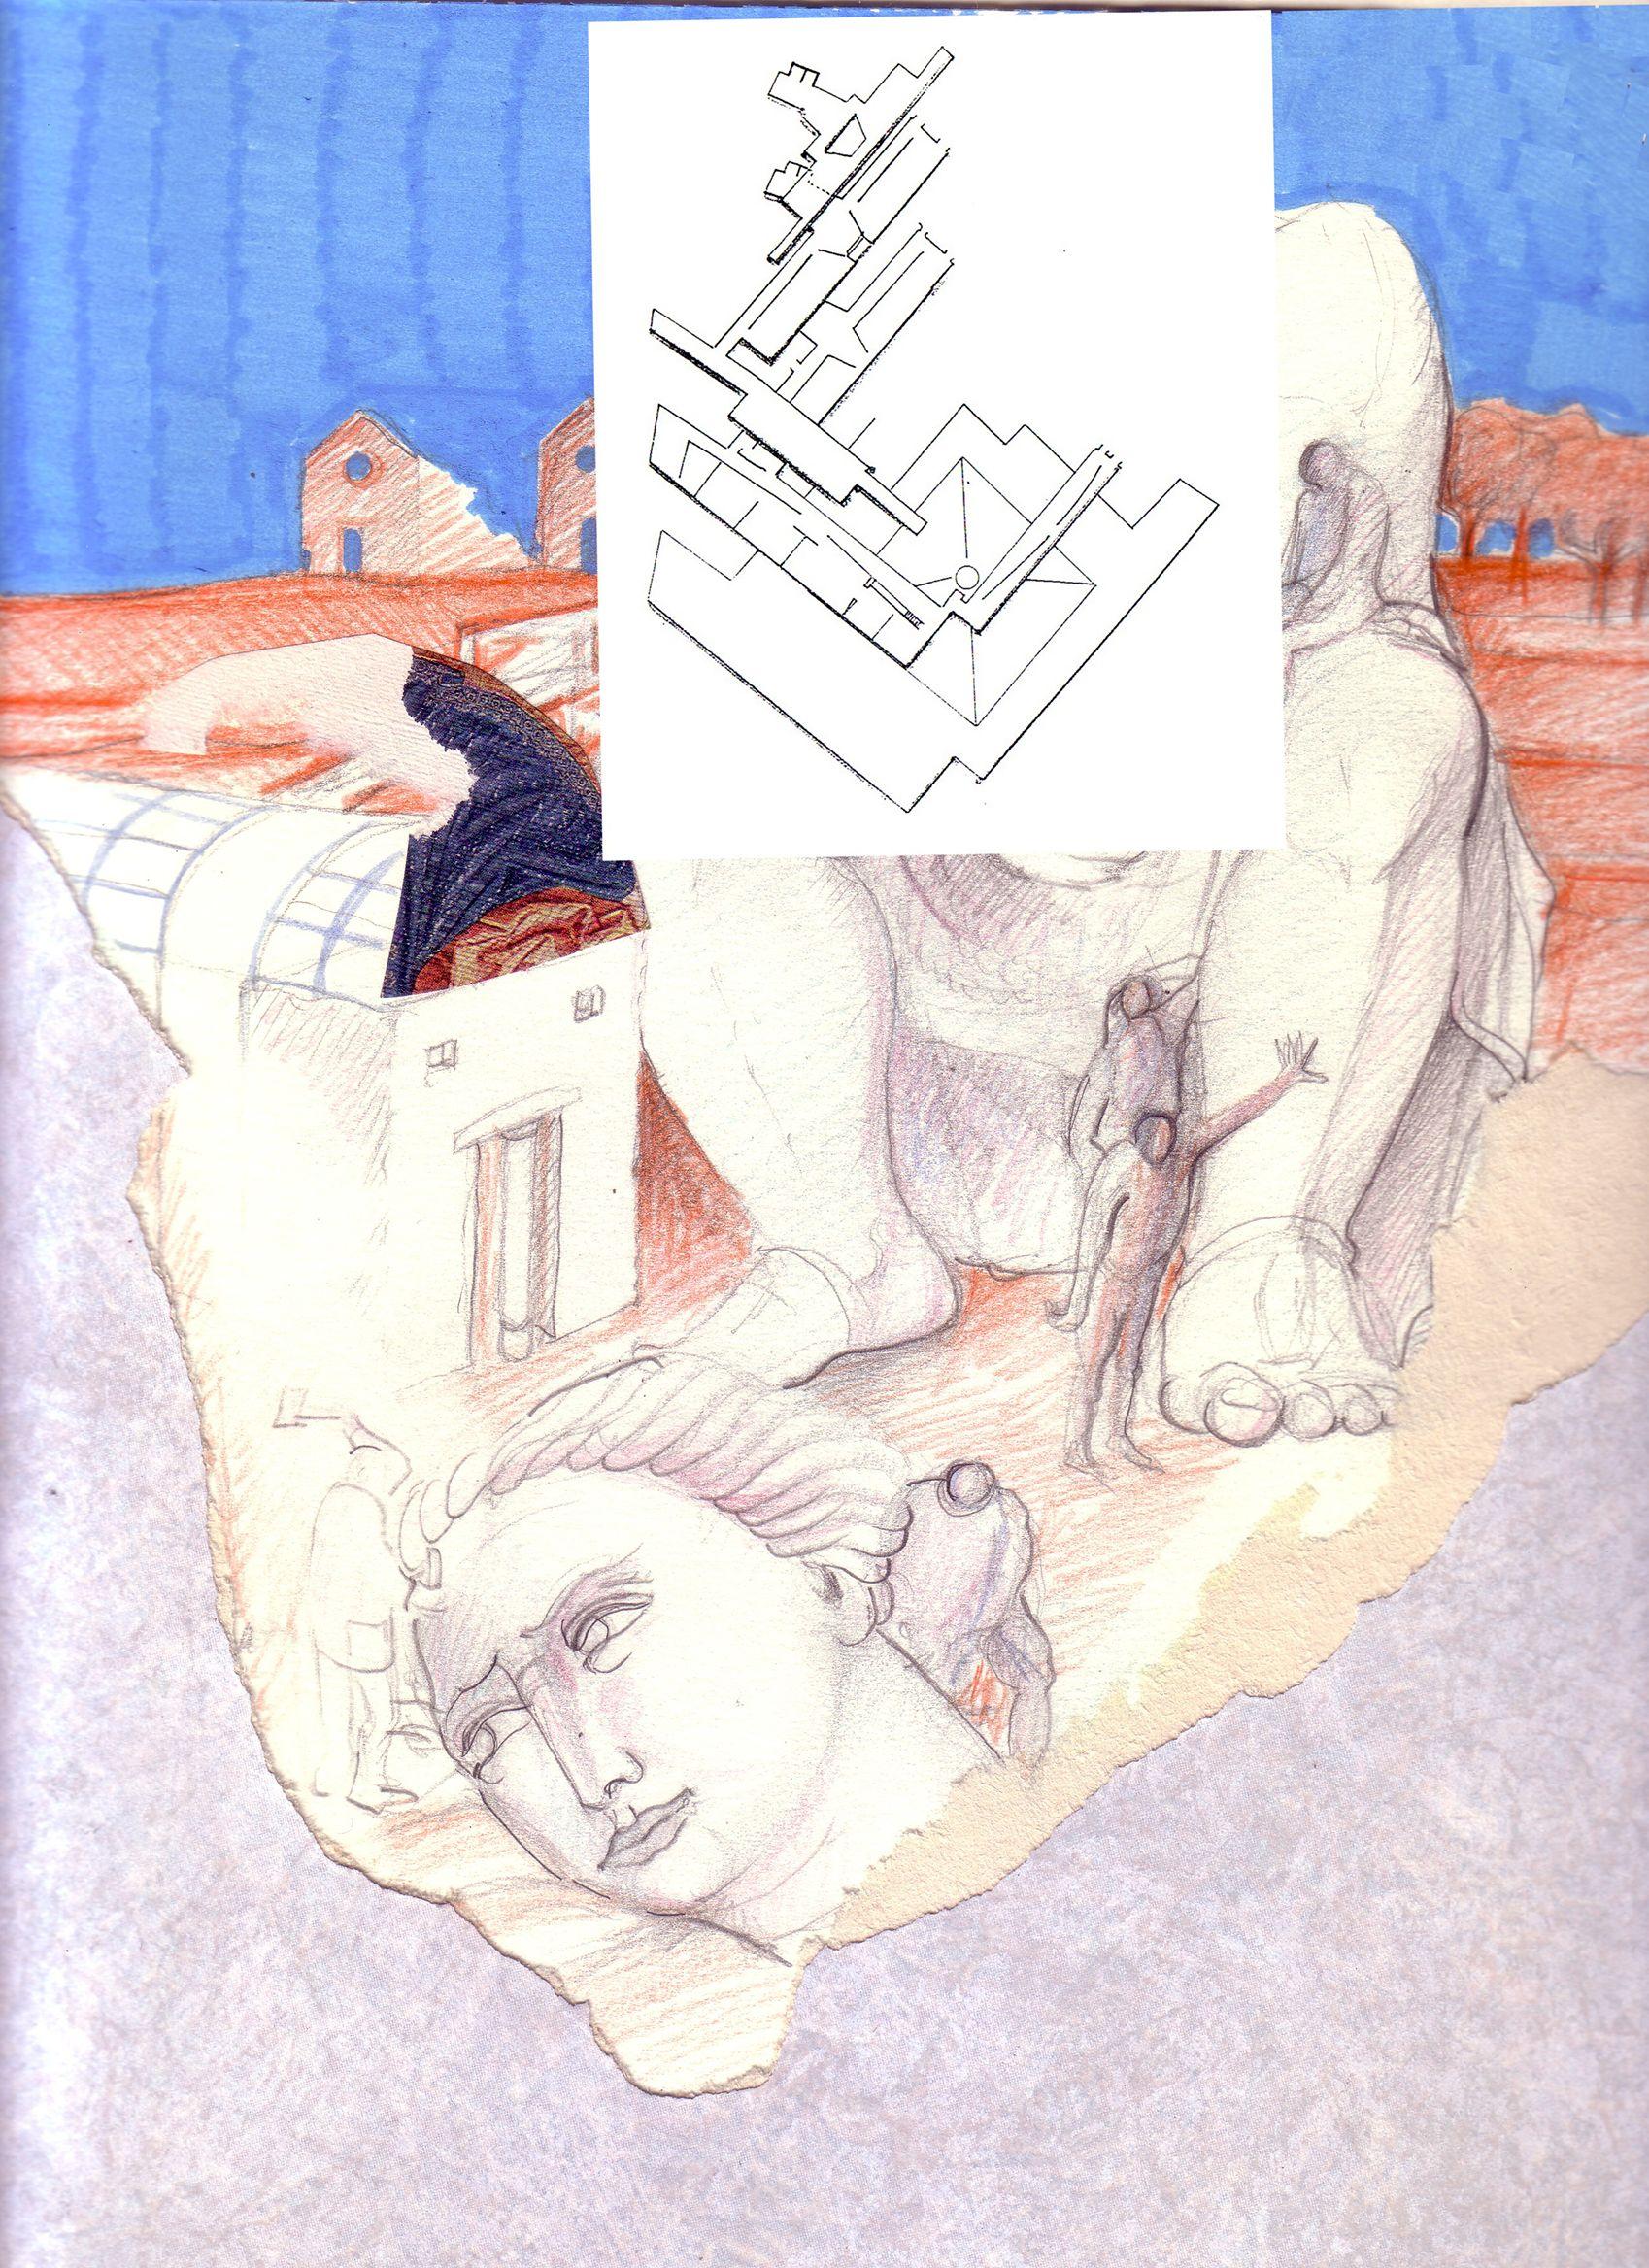 1987_88 GE_SS.GIAFILI  1987_88.3.2_carta lucesa cm. 33 x 24 by Brunetto De Batté